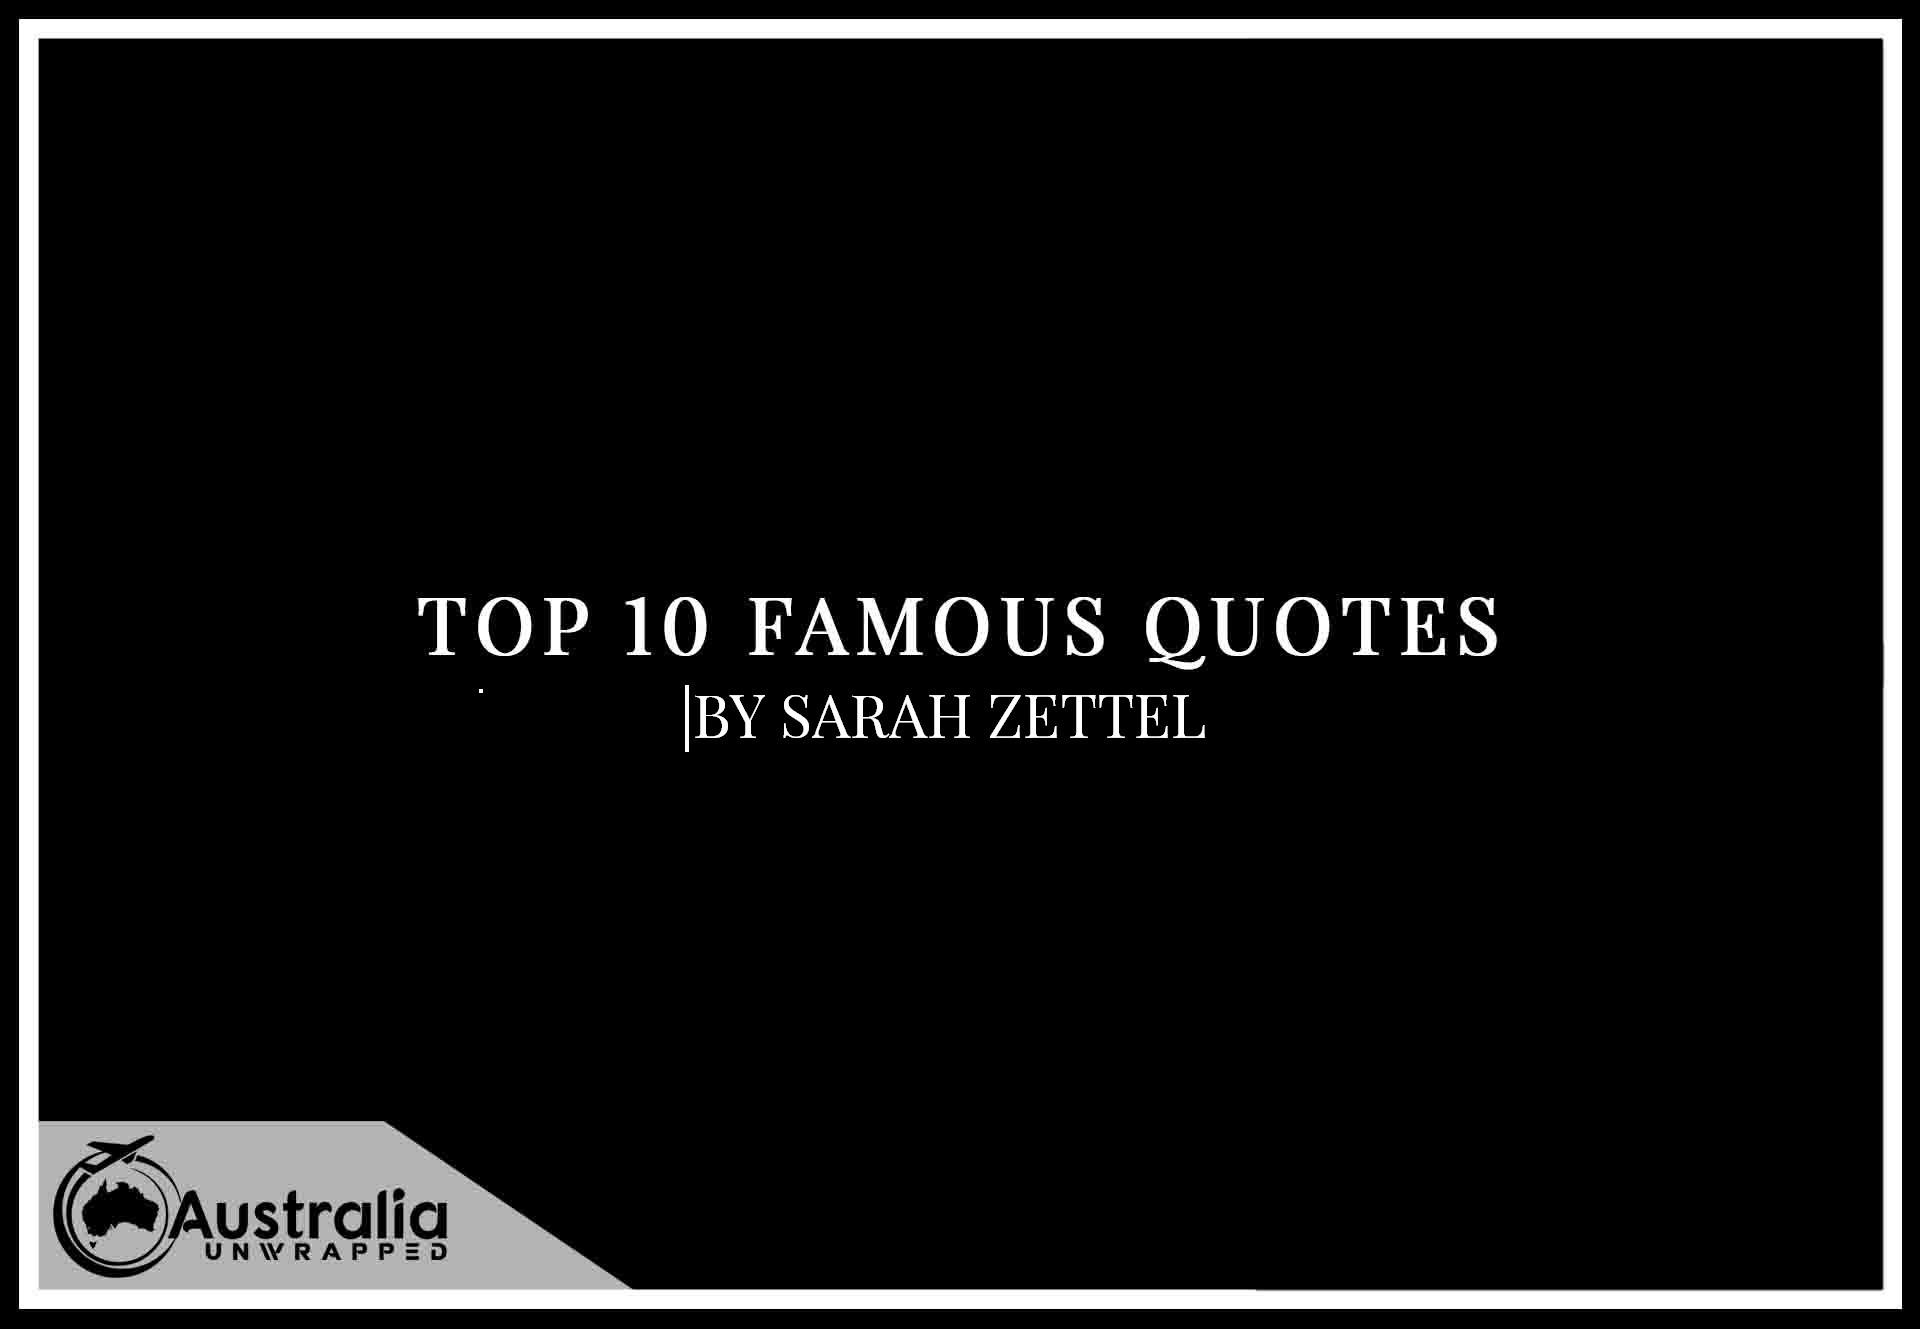 Top 10 Famous Quotes by Author Sarah Zettel